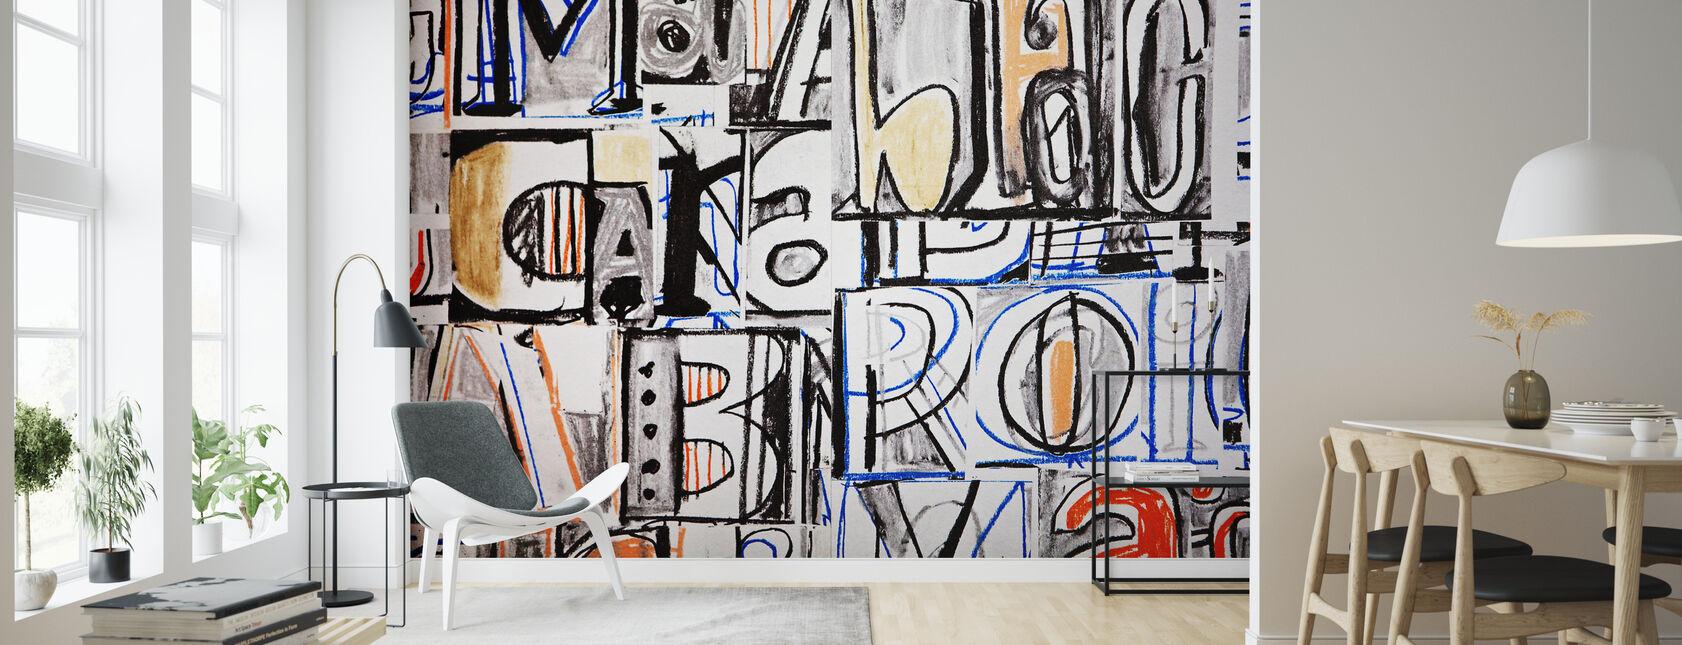 Funky Letter Graffiti - Wallpaper - Living Room